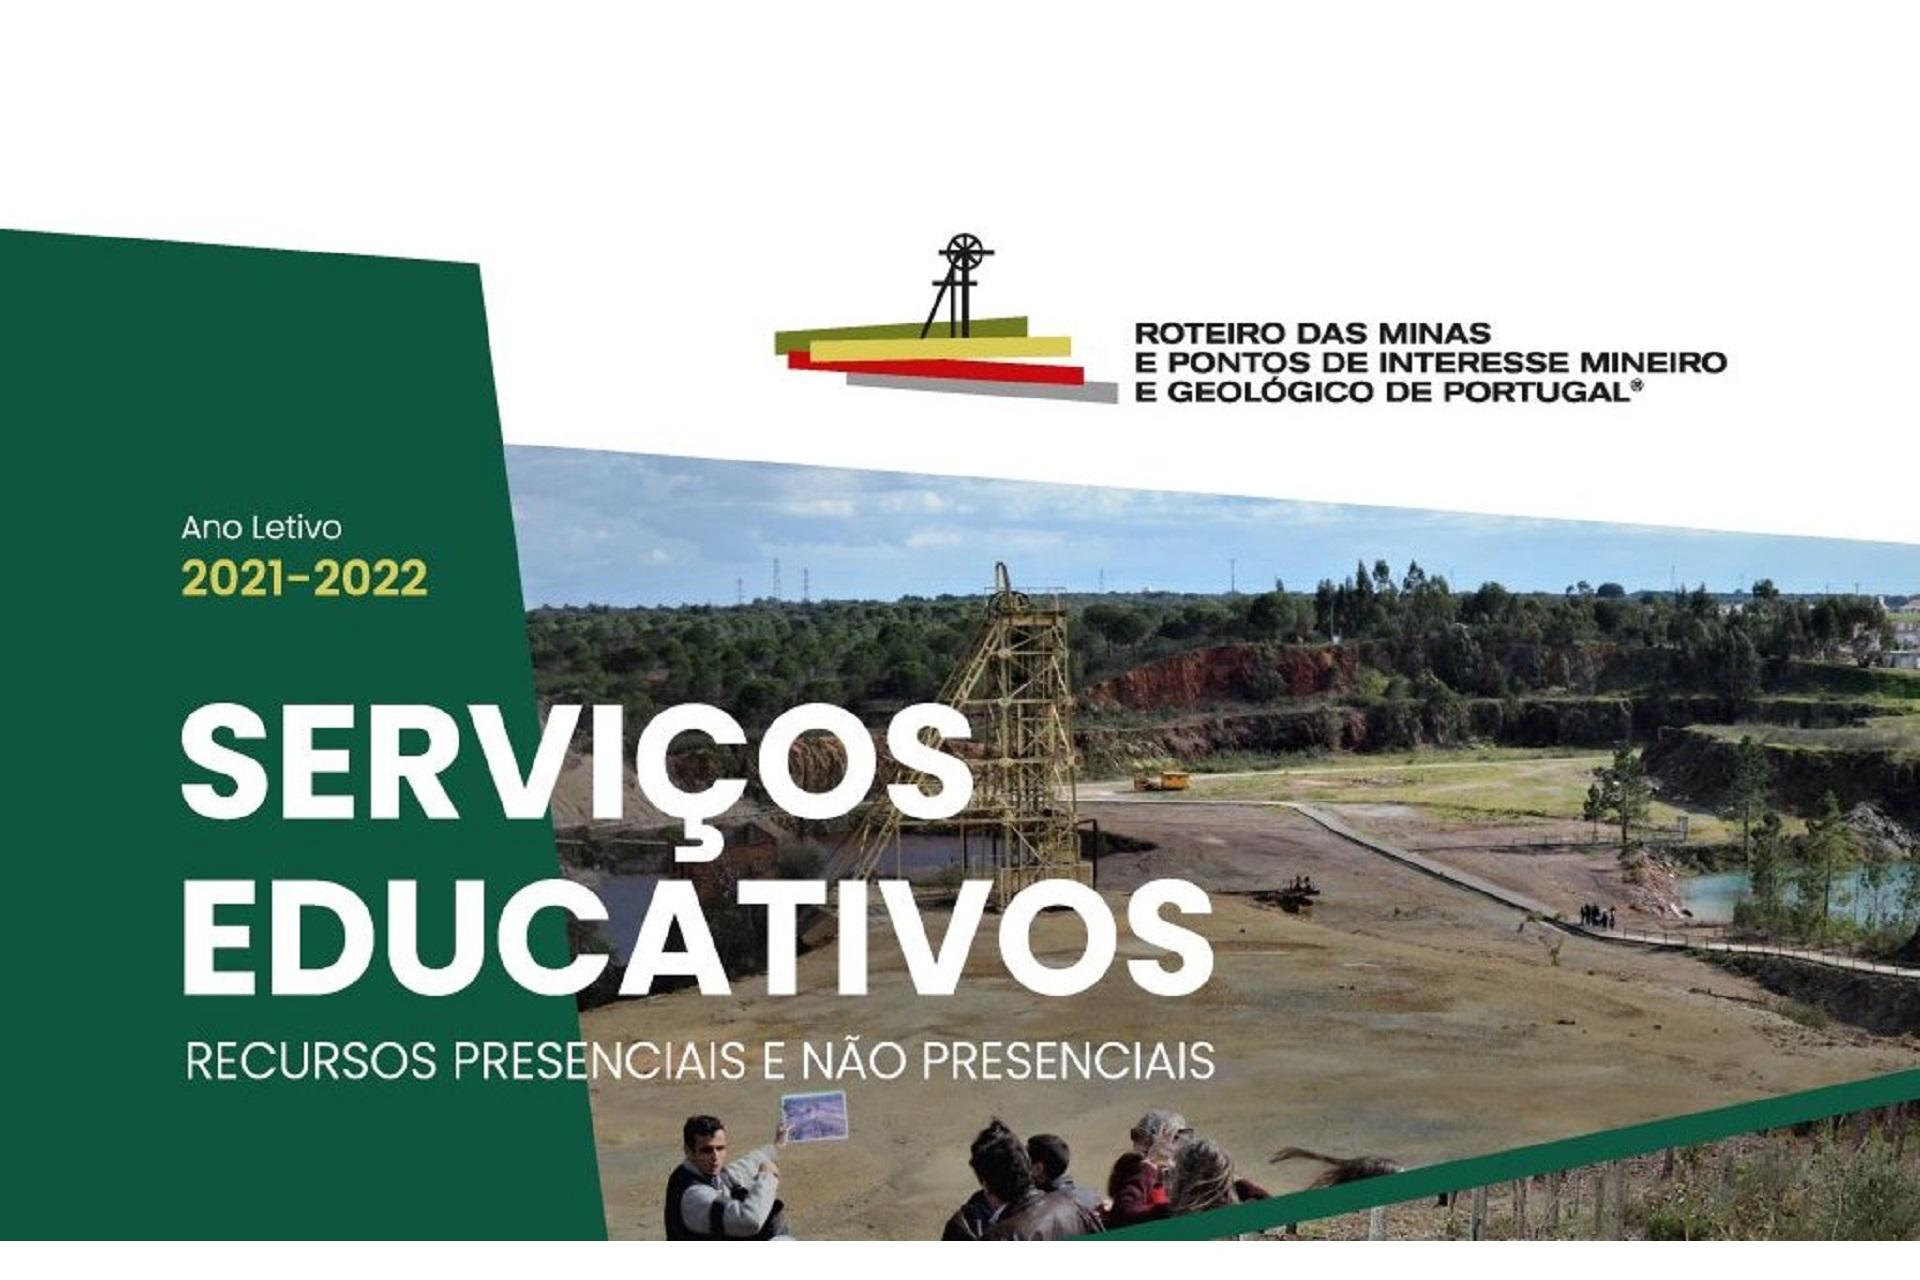 Guia de Serviços Educativos 2021-2022